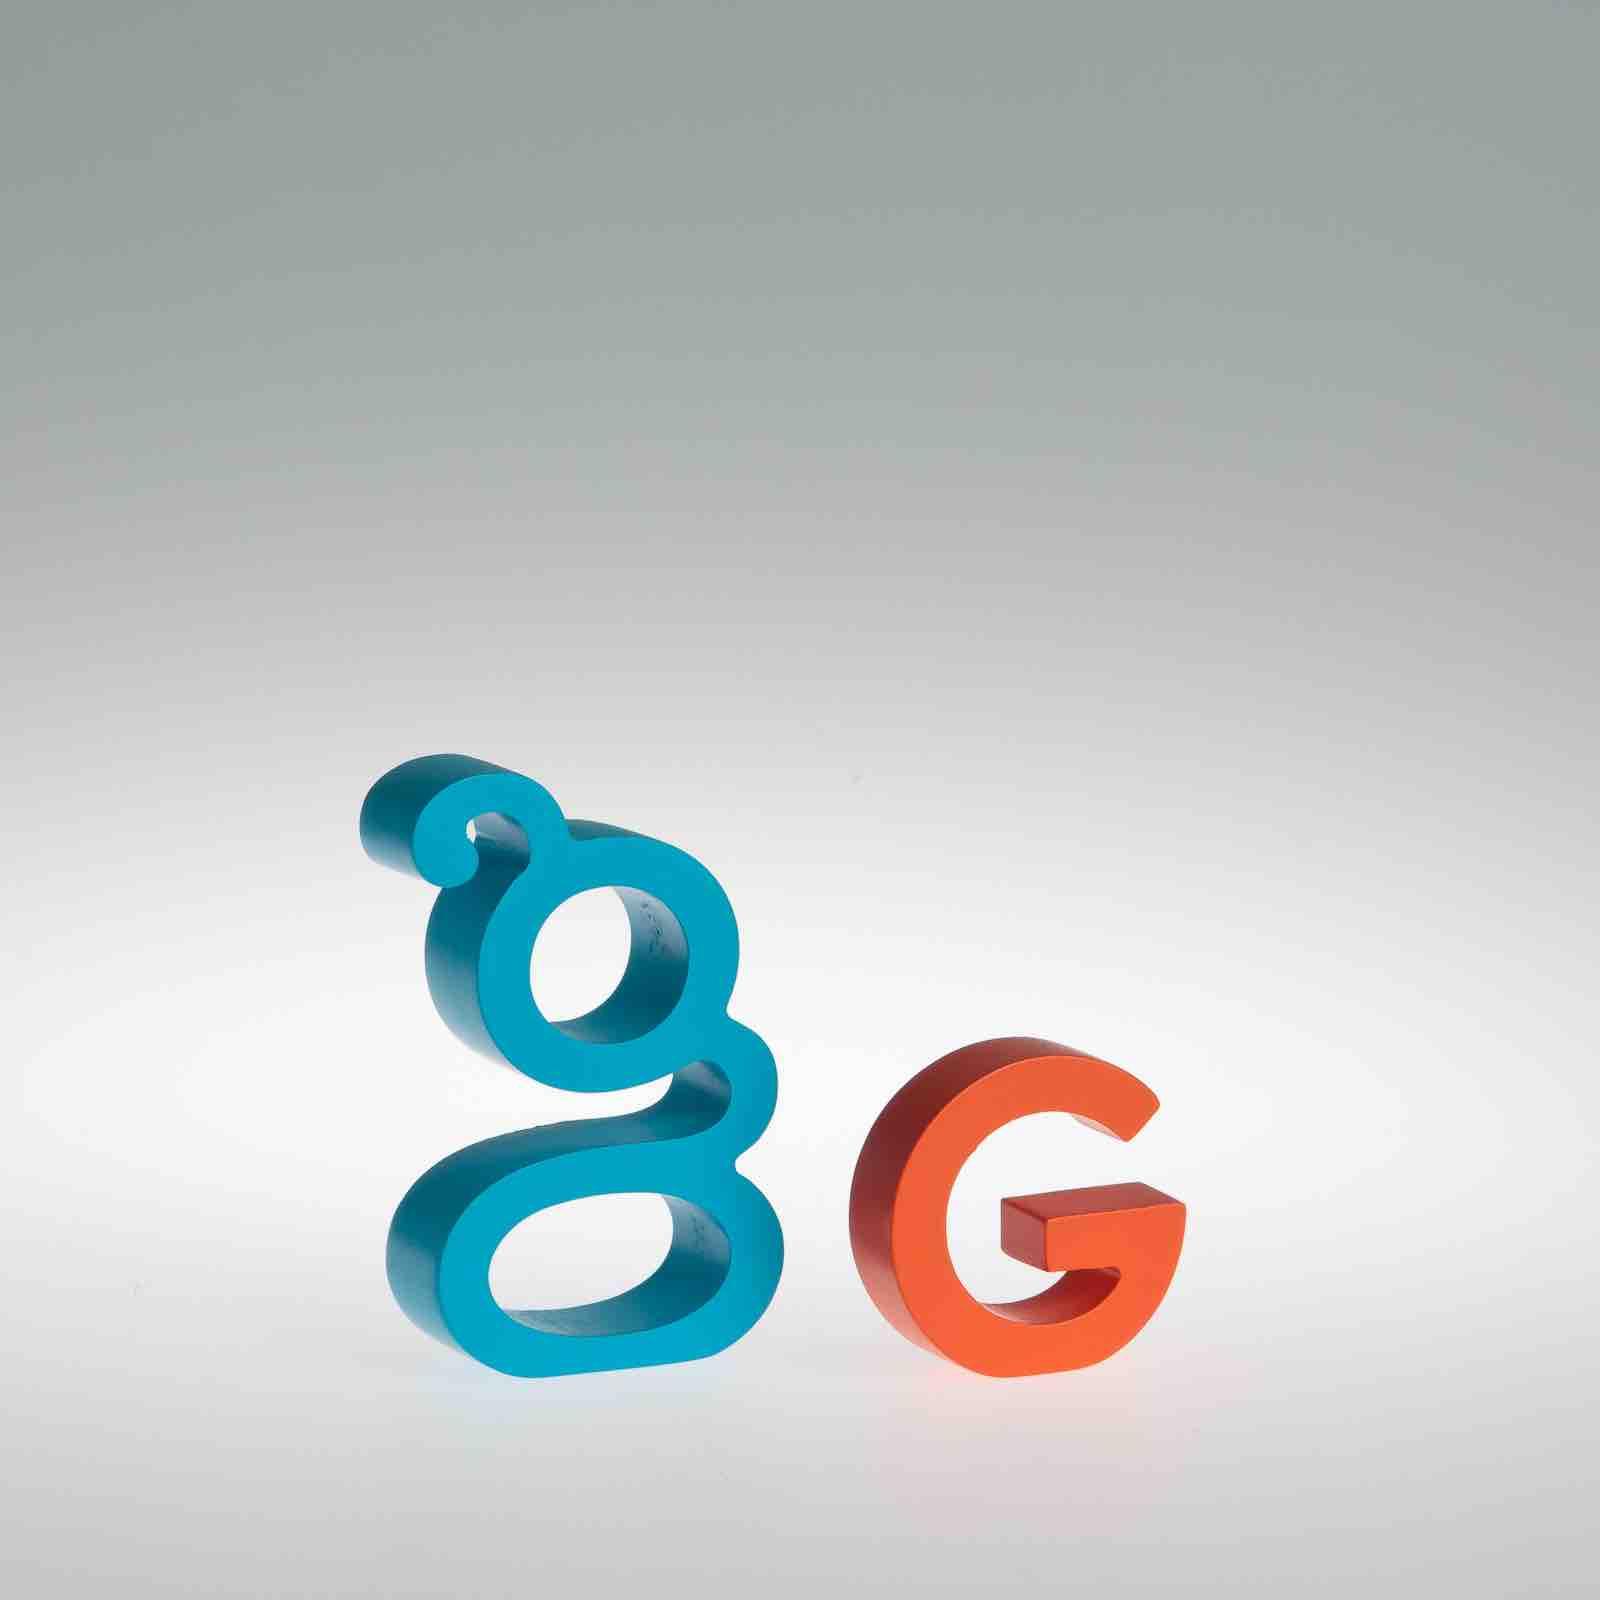 alpha-art-letter-g